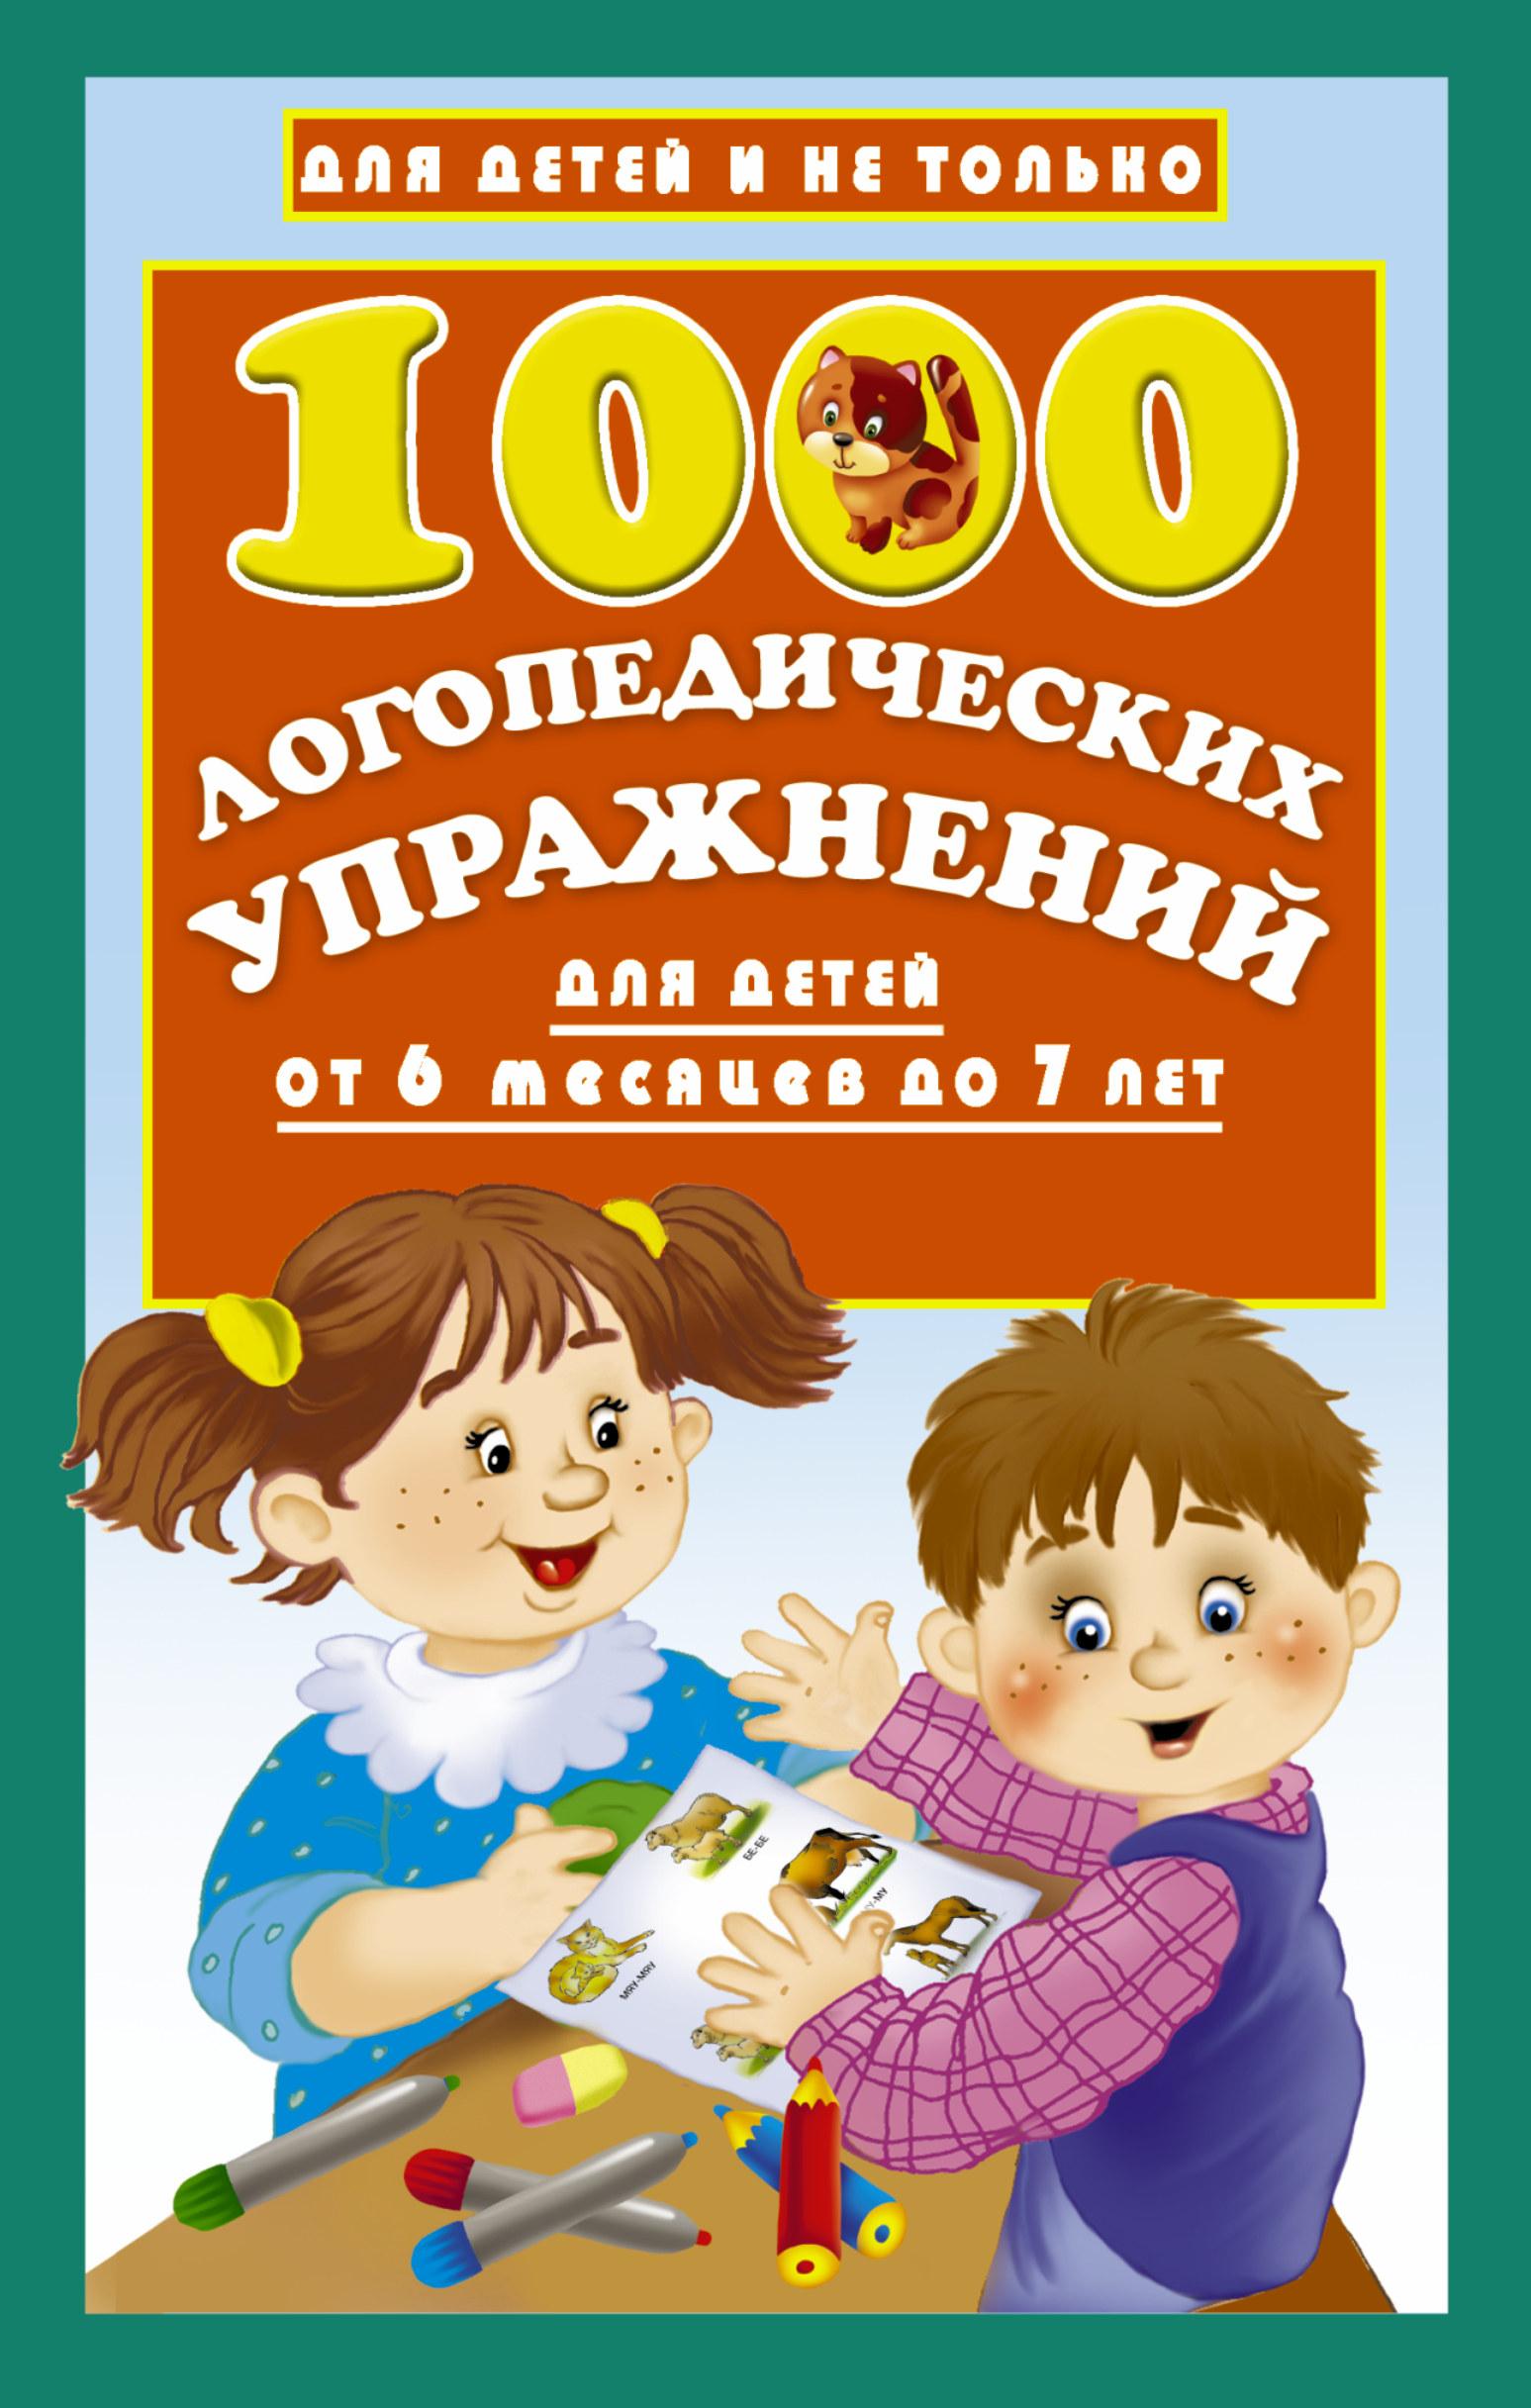 Новиковская ОА 1000 логопедических упражнений от 6 месяцев до 7 лет